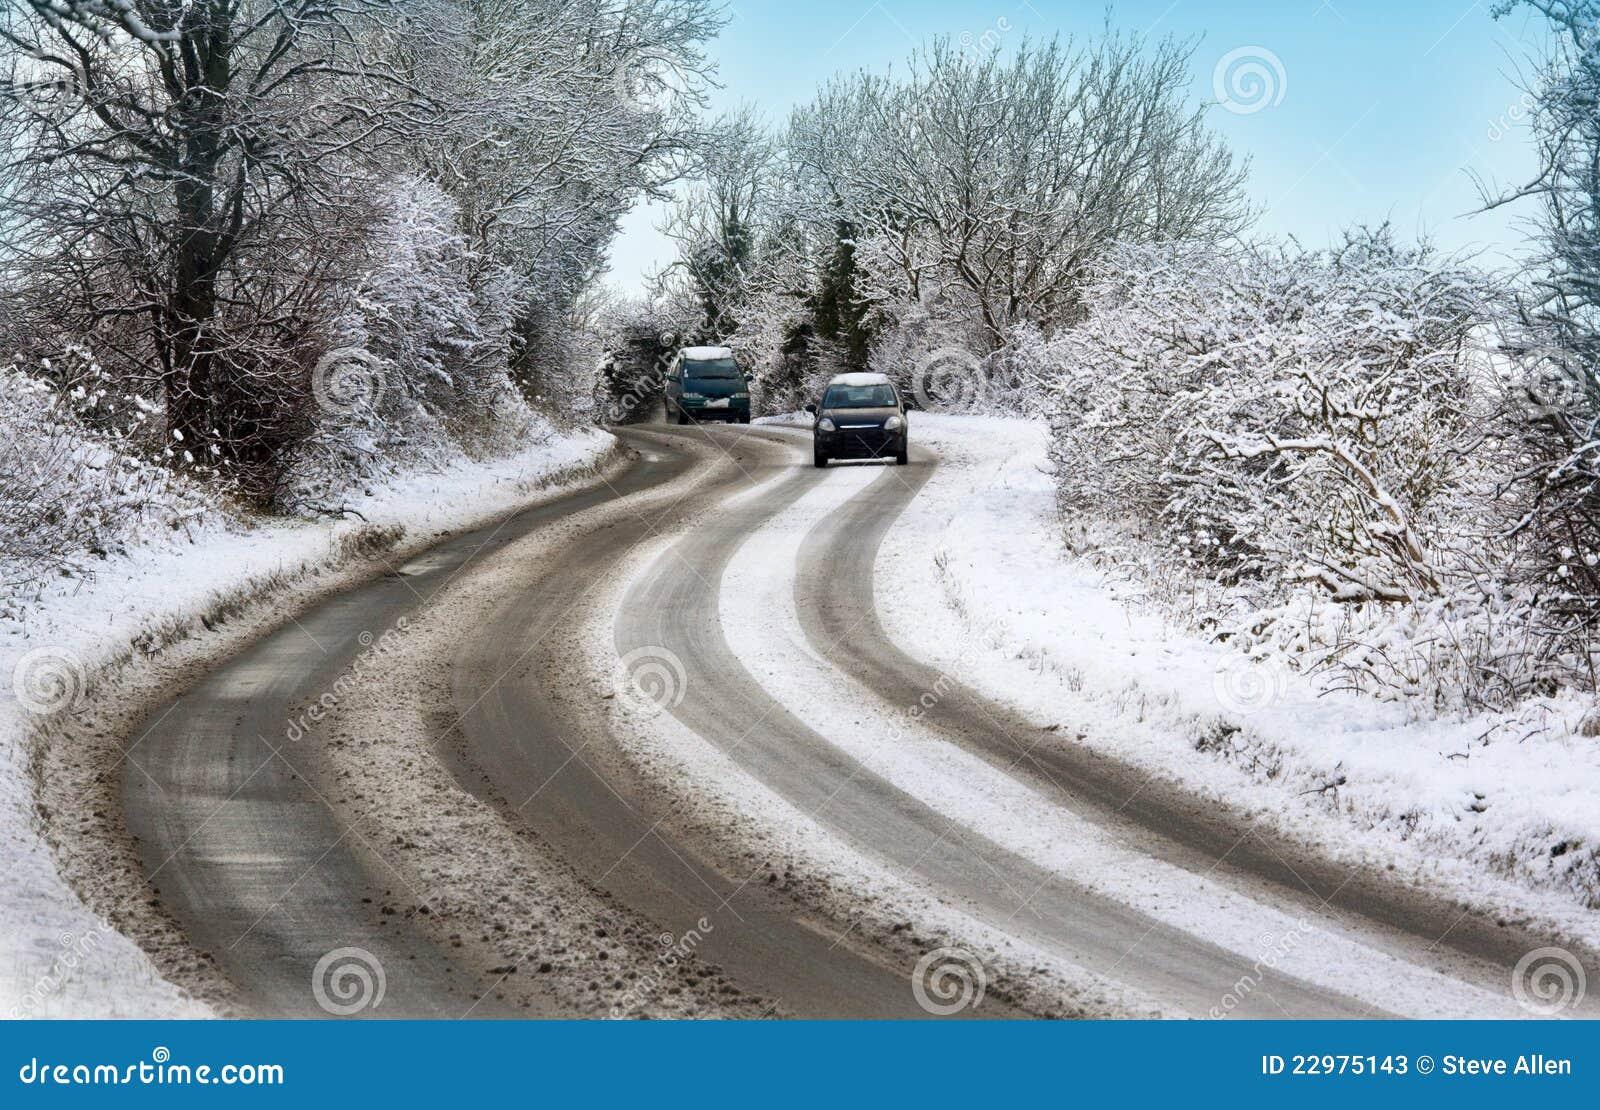 Ungünstige Wetterbedingungen - Winter-Antreiben - Großbritannien